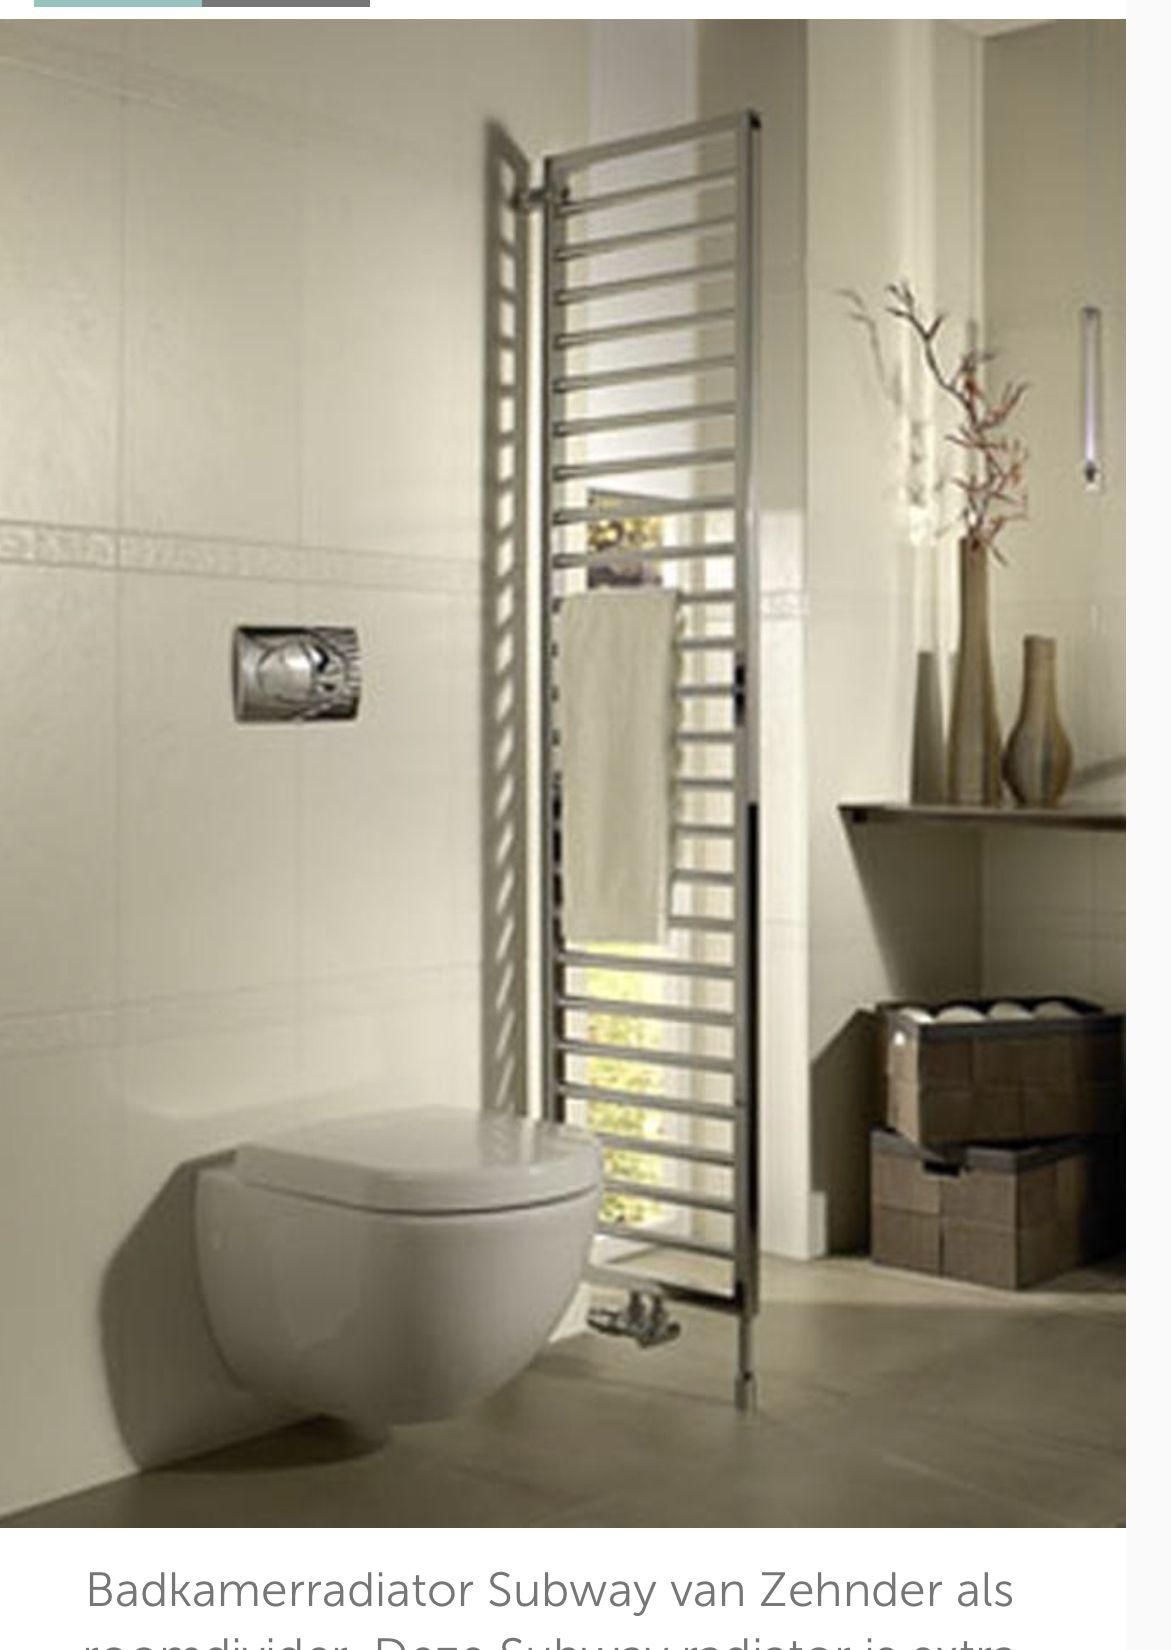 Pin Von Frauke Wöhner Auf Badkamer Bad Vorhang Toilette Bad